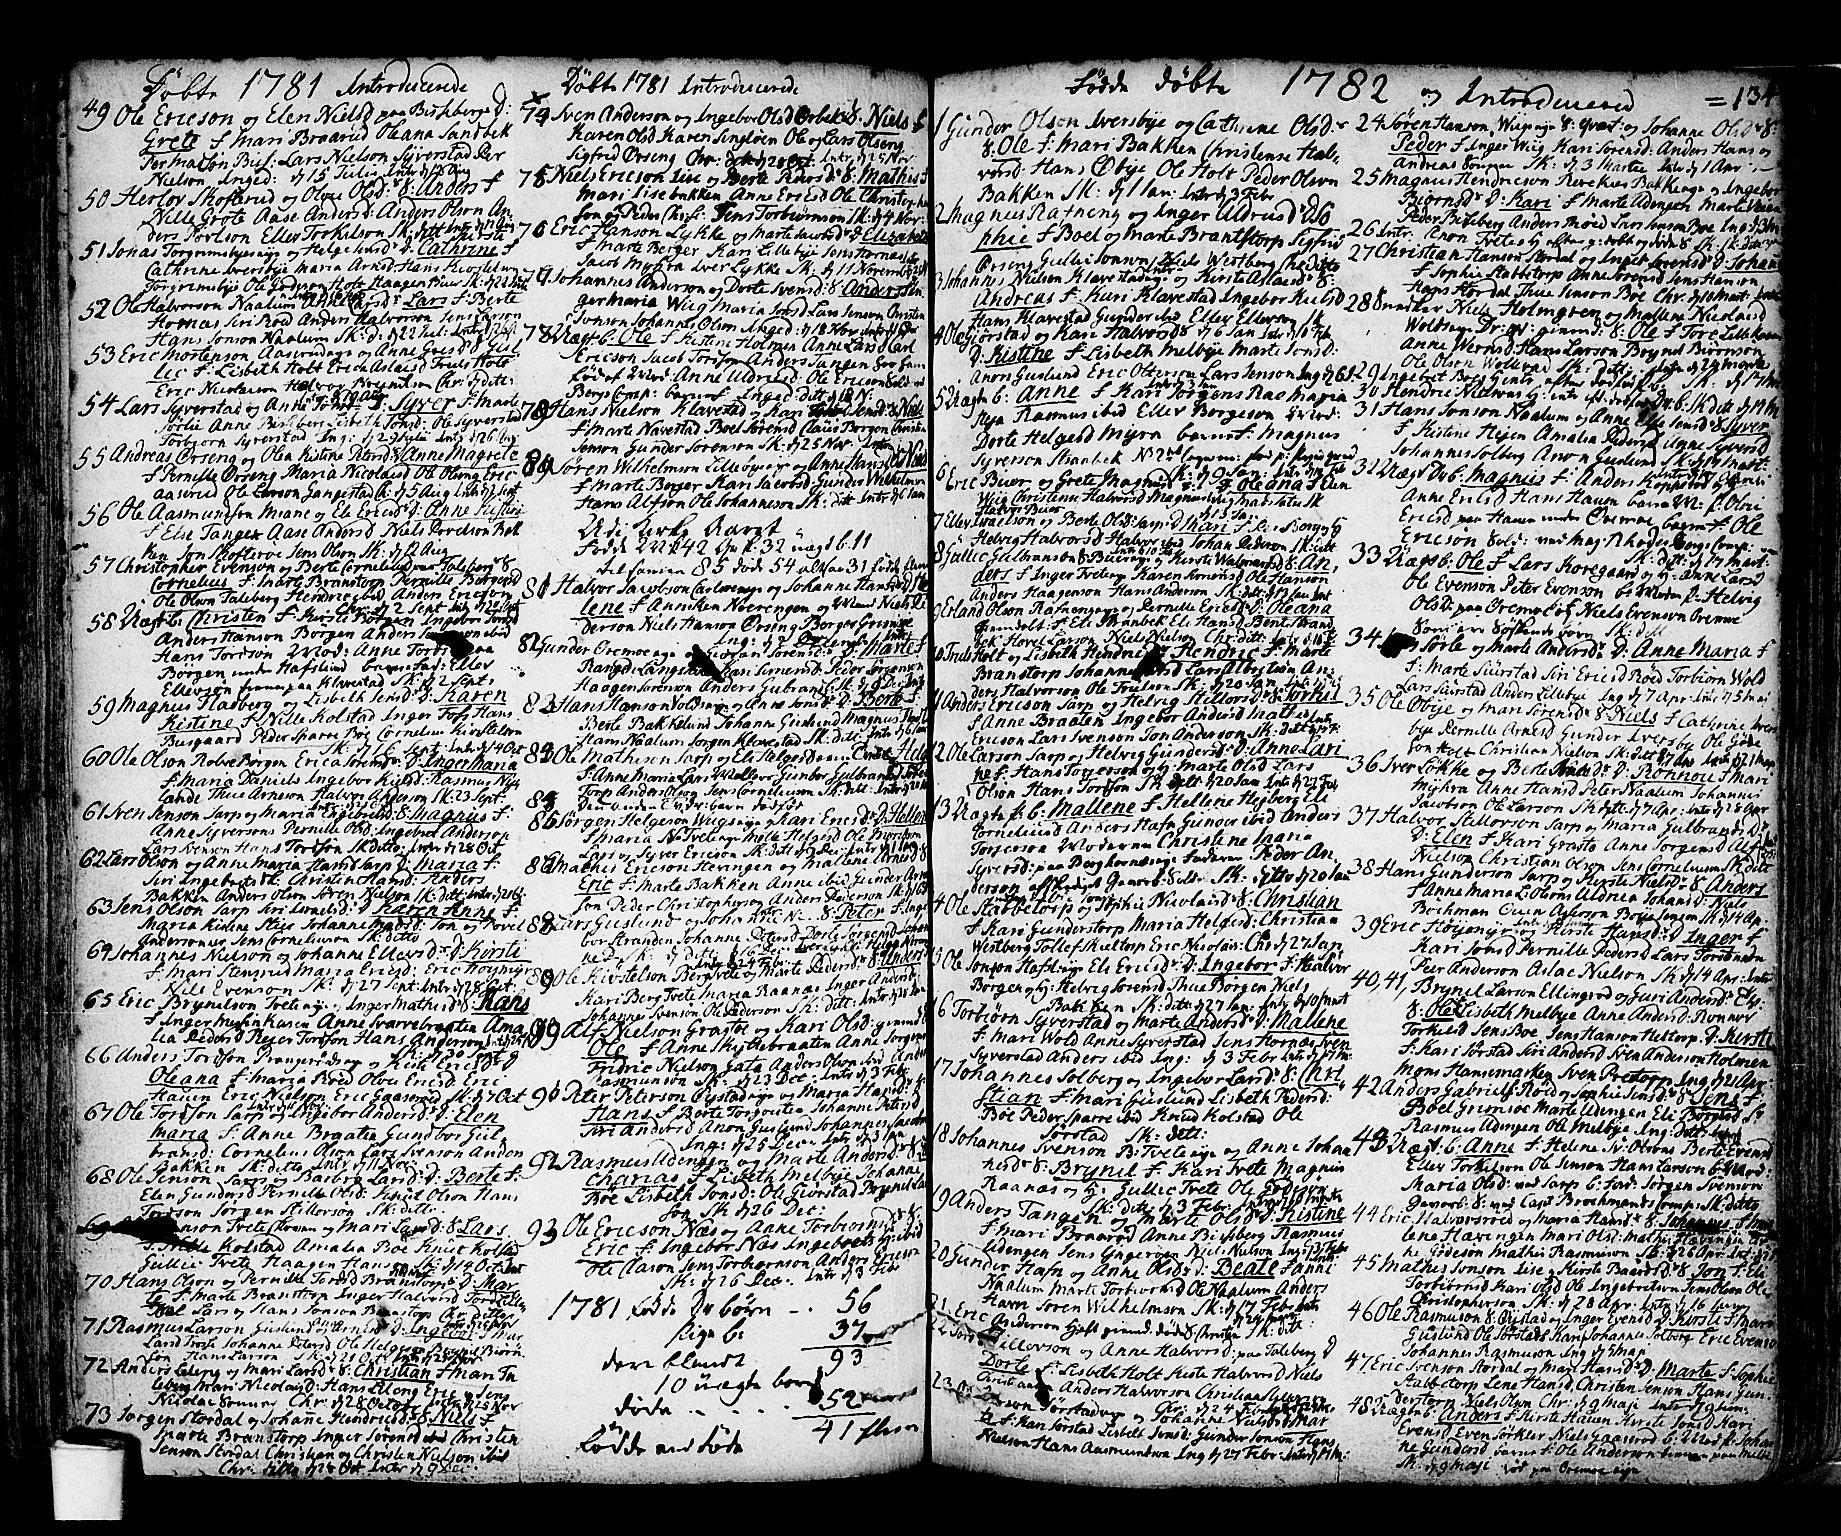 SAO, Skjeberg prestekontor Kirkebøker, F/Fa/L0002: Ministerialbok nr. I 2, 1726-1791, s. 134